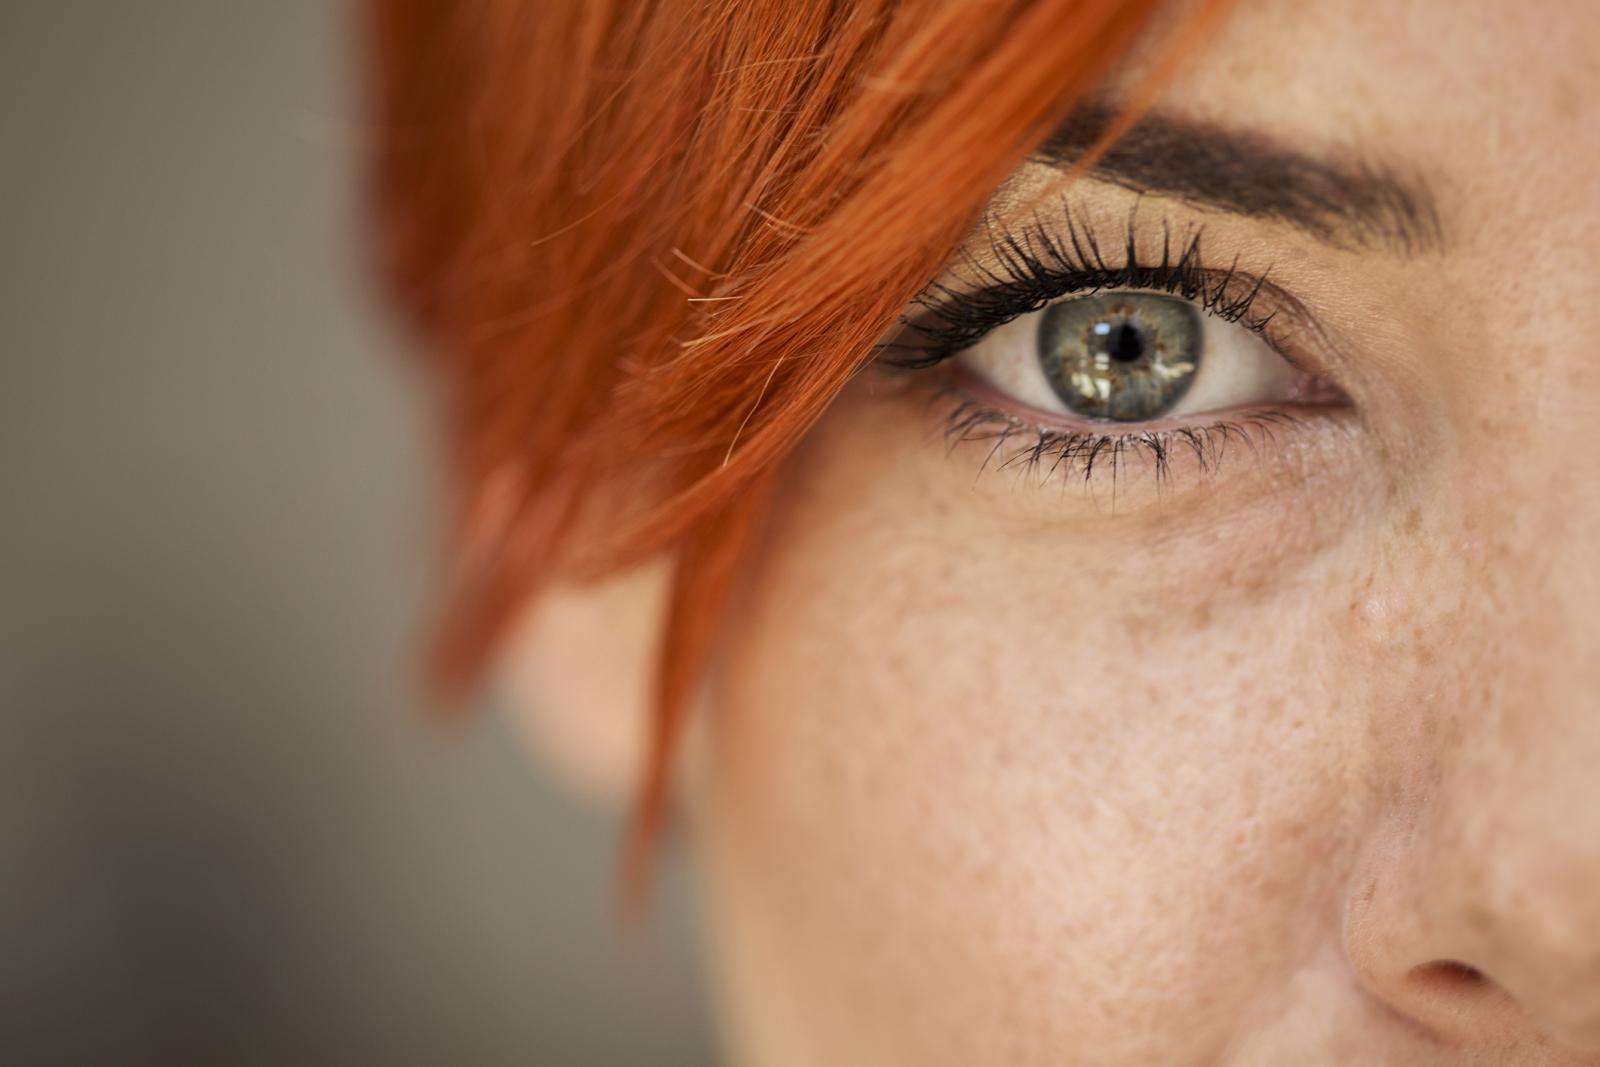 Baš kao što, primjerice, koža i kosa vole samo određenu hranu, tako je i s organom vida...